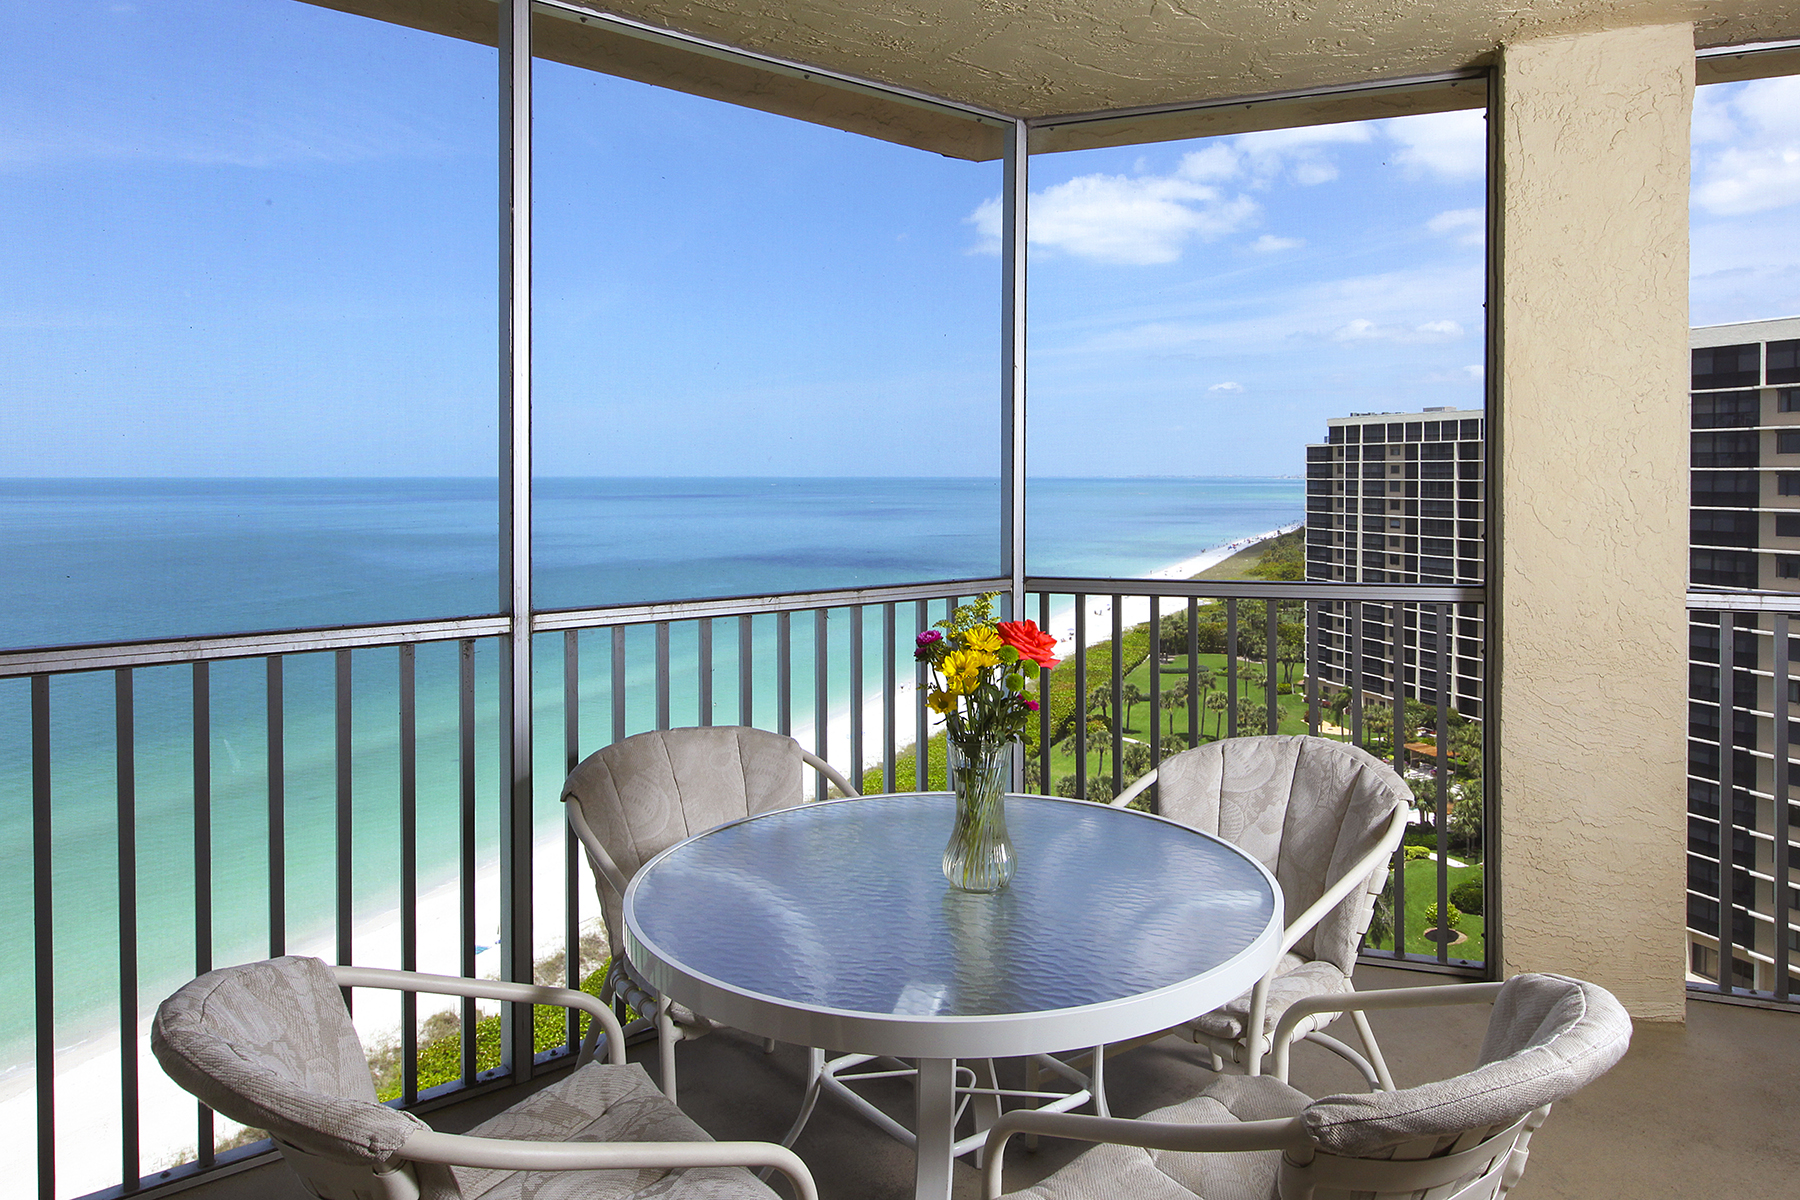 Eigentumswohnung für Verkauf beim VANDERBILT BEACH - VANDERBILT SHORES 10701 Gulf Shore Dr 1502 Naples, Florida 34108 Vereinigte Staaten